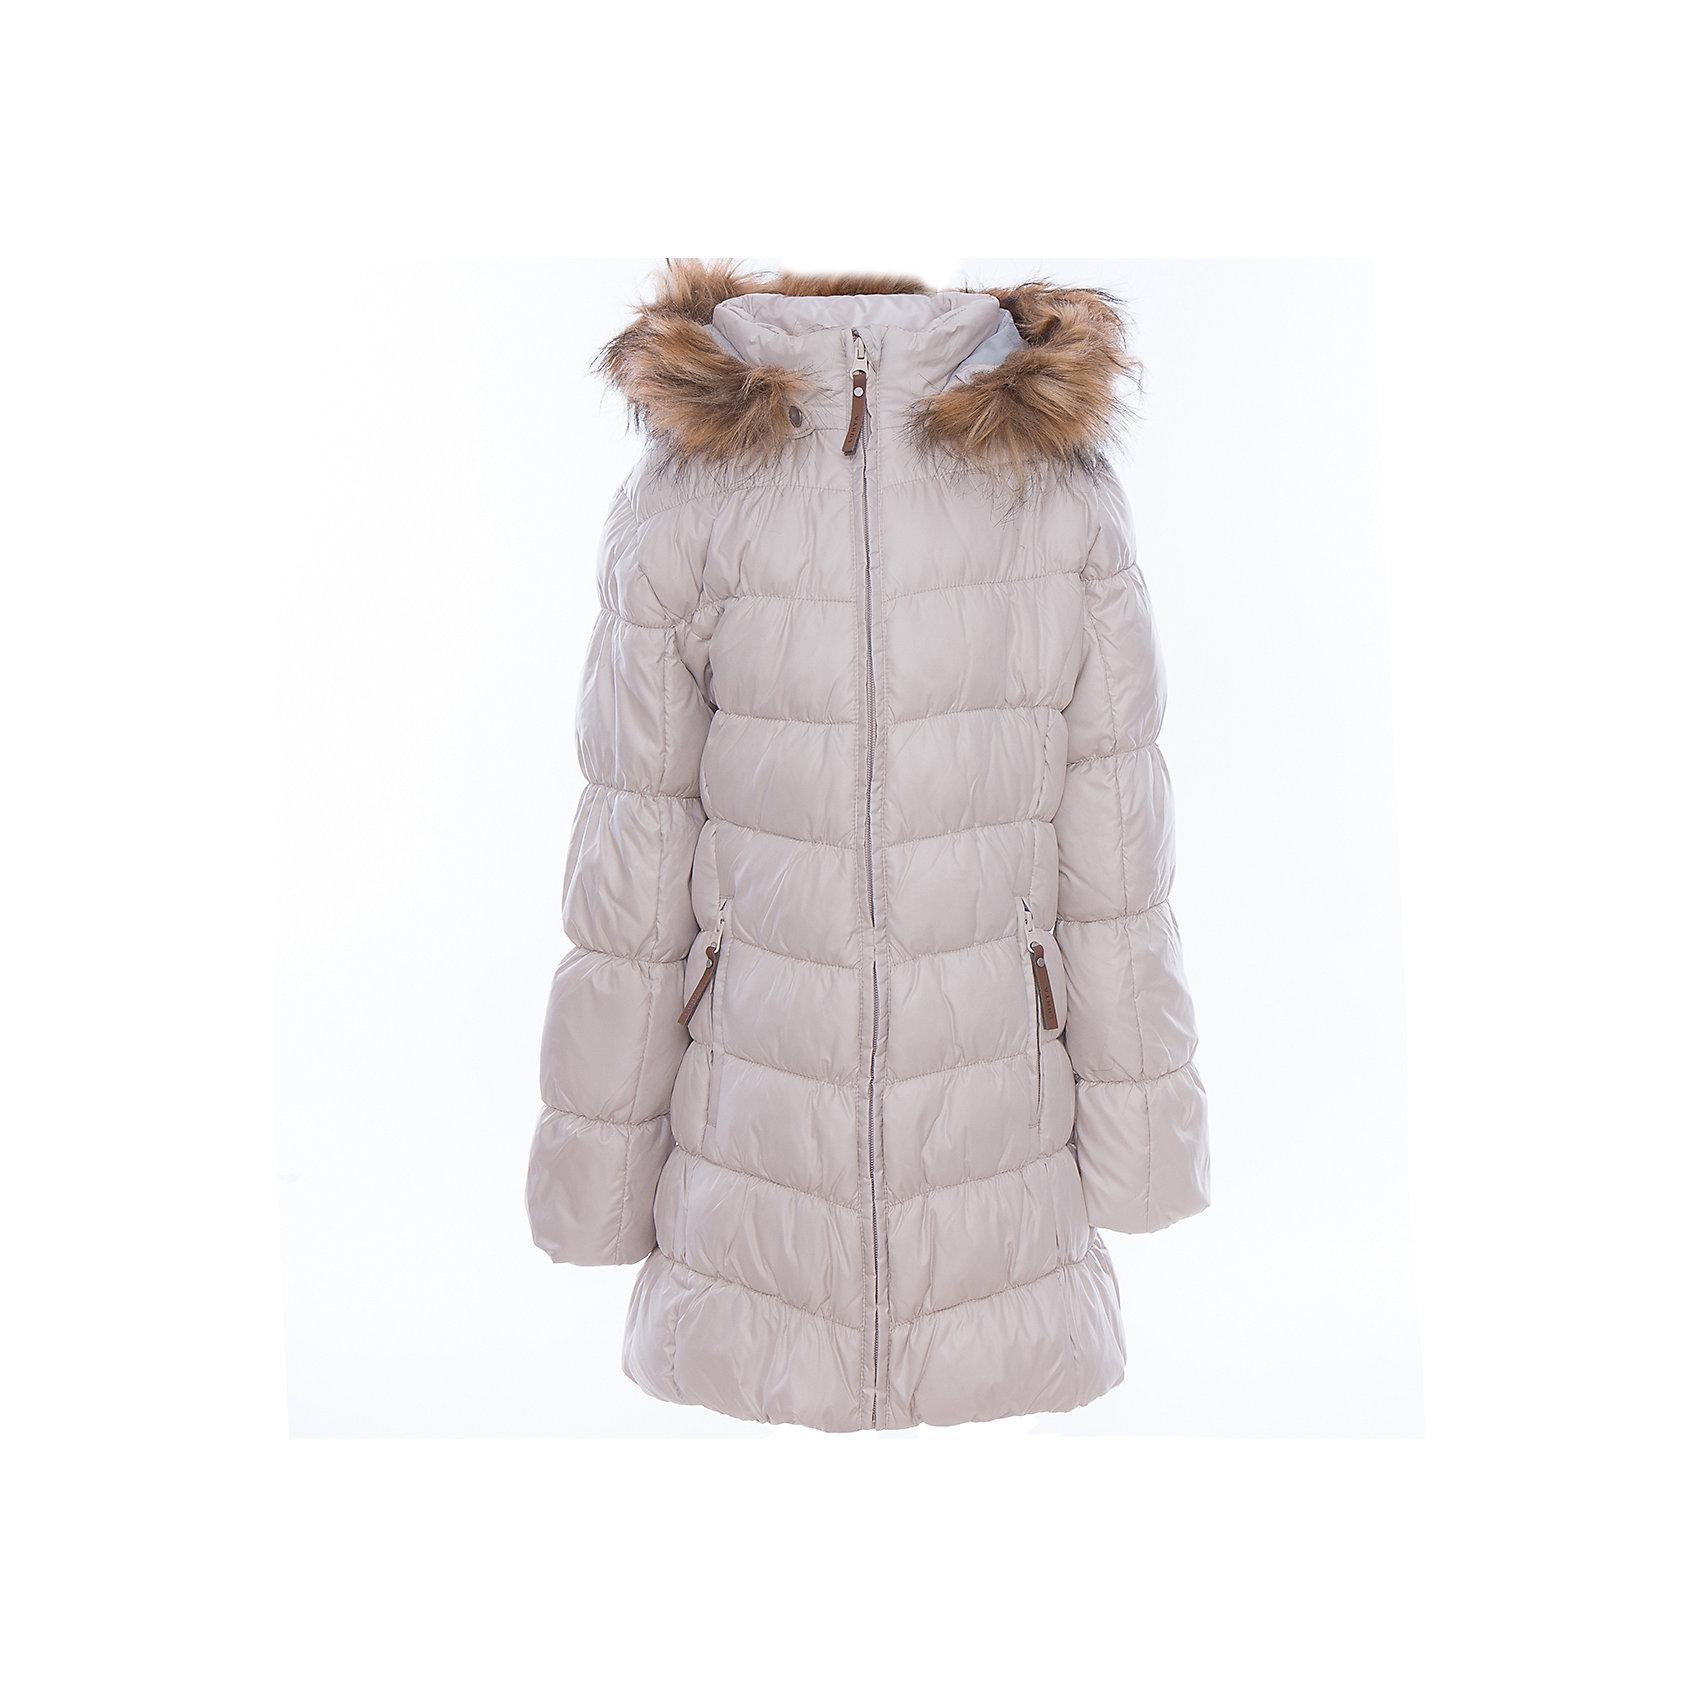 Пальто для девочки LuhtaОдежда<br>Пальто для девочки от известного бренда Luhta.<br>Пальто с отстегивающимся капюшоном, искусственный мех, элегантный силуэт, декоративная прострочка, боковые карманы на молнии, утепление 280 гр. Рекомендуемый температурный режим до -30 град. Внутри пальто находится температурный датчик.<br>Технологии: Luhta WATER REPELLENT; Luhta SAFETY; Luhta TEMPERATURE CONTROL; Luhta DOWN MIX; Luhta -30; Reflectors<br>Состав:<br>100% полиэстер<br><br>Ширина мм: 356<br>Глубина мм: 10<br>Высота мм: 245<br>Вес г: 519<br>Цвет: бежевый<br>Возраст от месяцев: 156<br>Возраст до месяцев: 168<br>Пол: Женский<br>Возраст: Детский<br>Размер: 164,134,140,146,152,158<br>SKU: 5414021